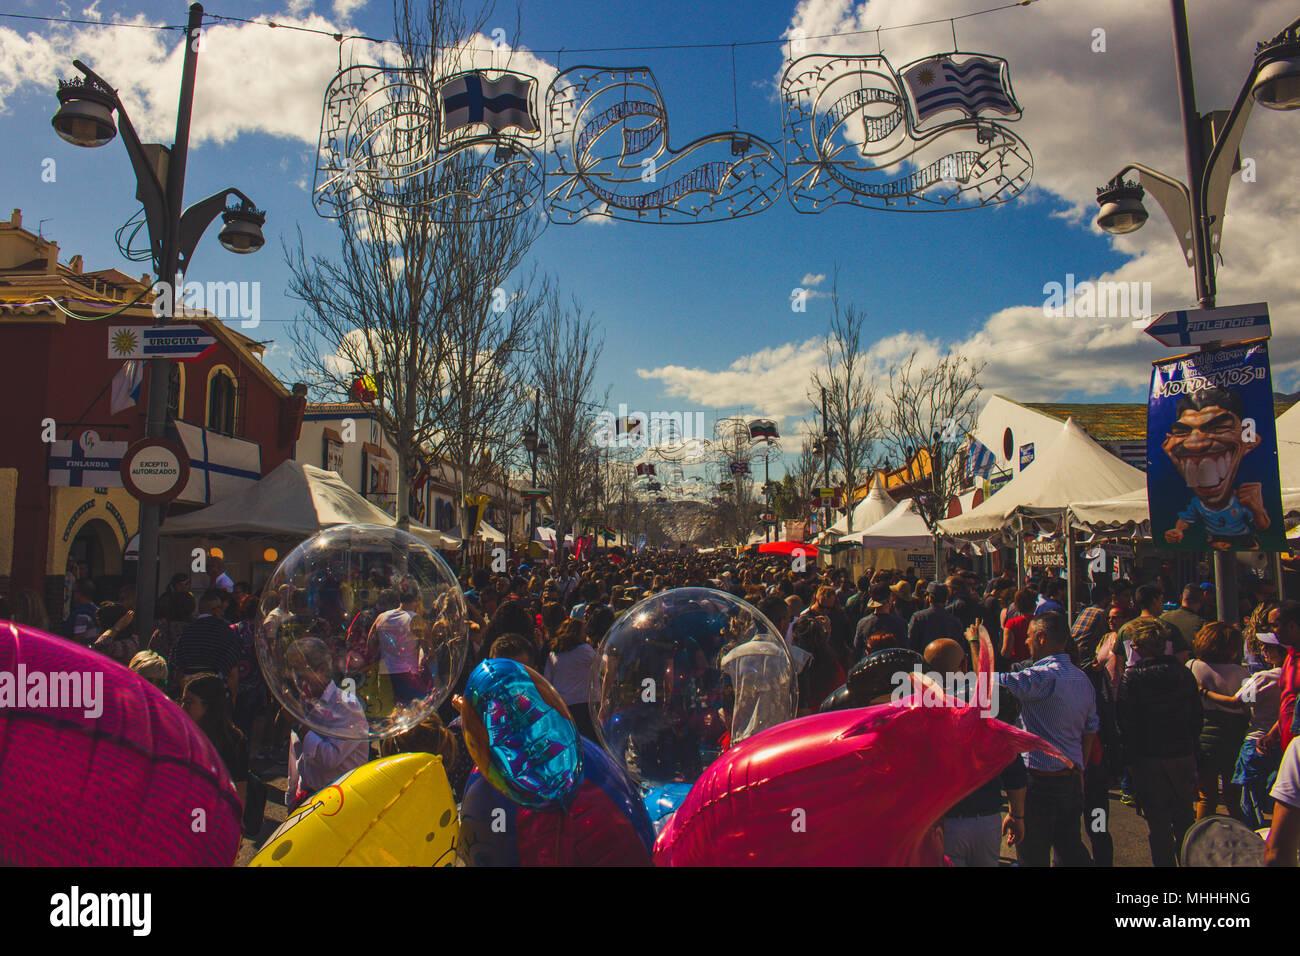 Feria De Los Pueblos or Around the World in 5 Days 34